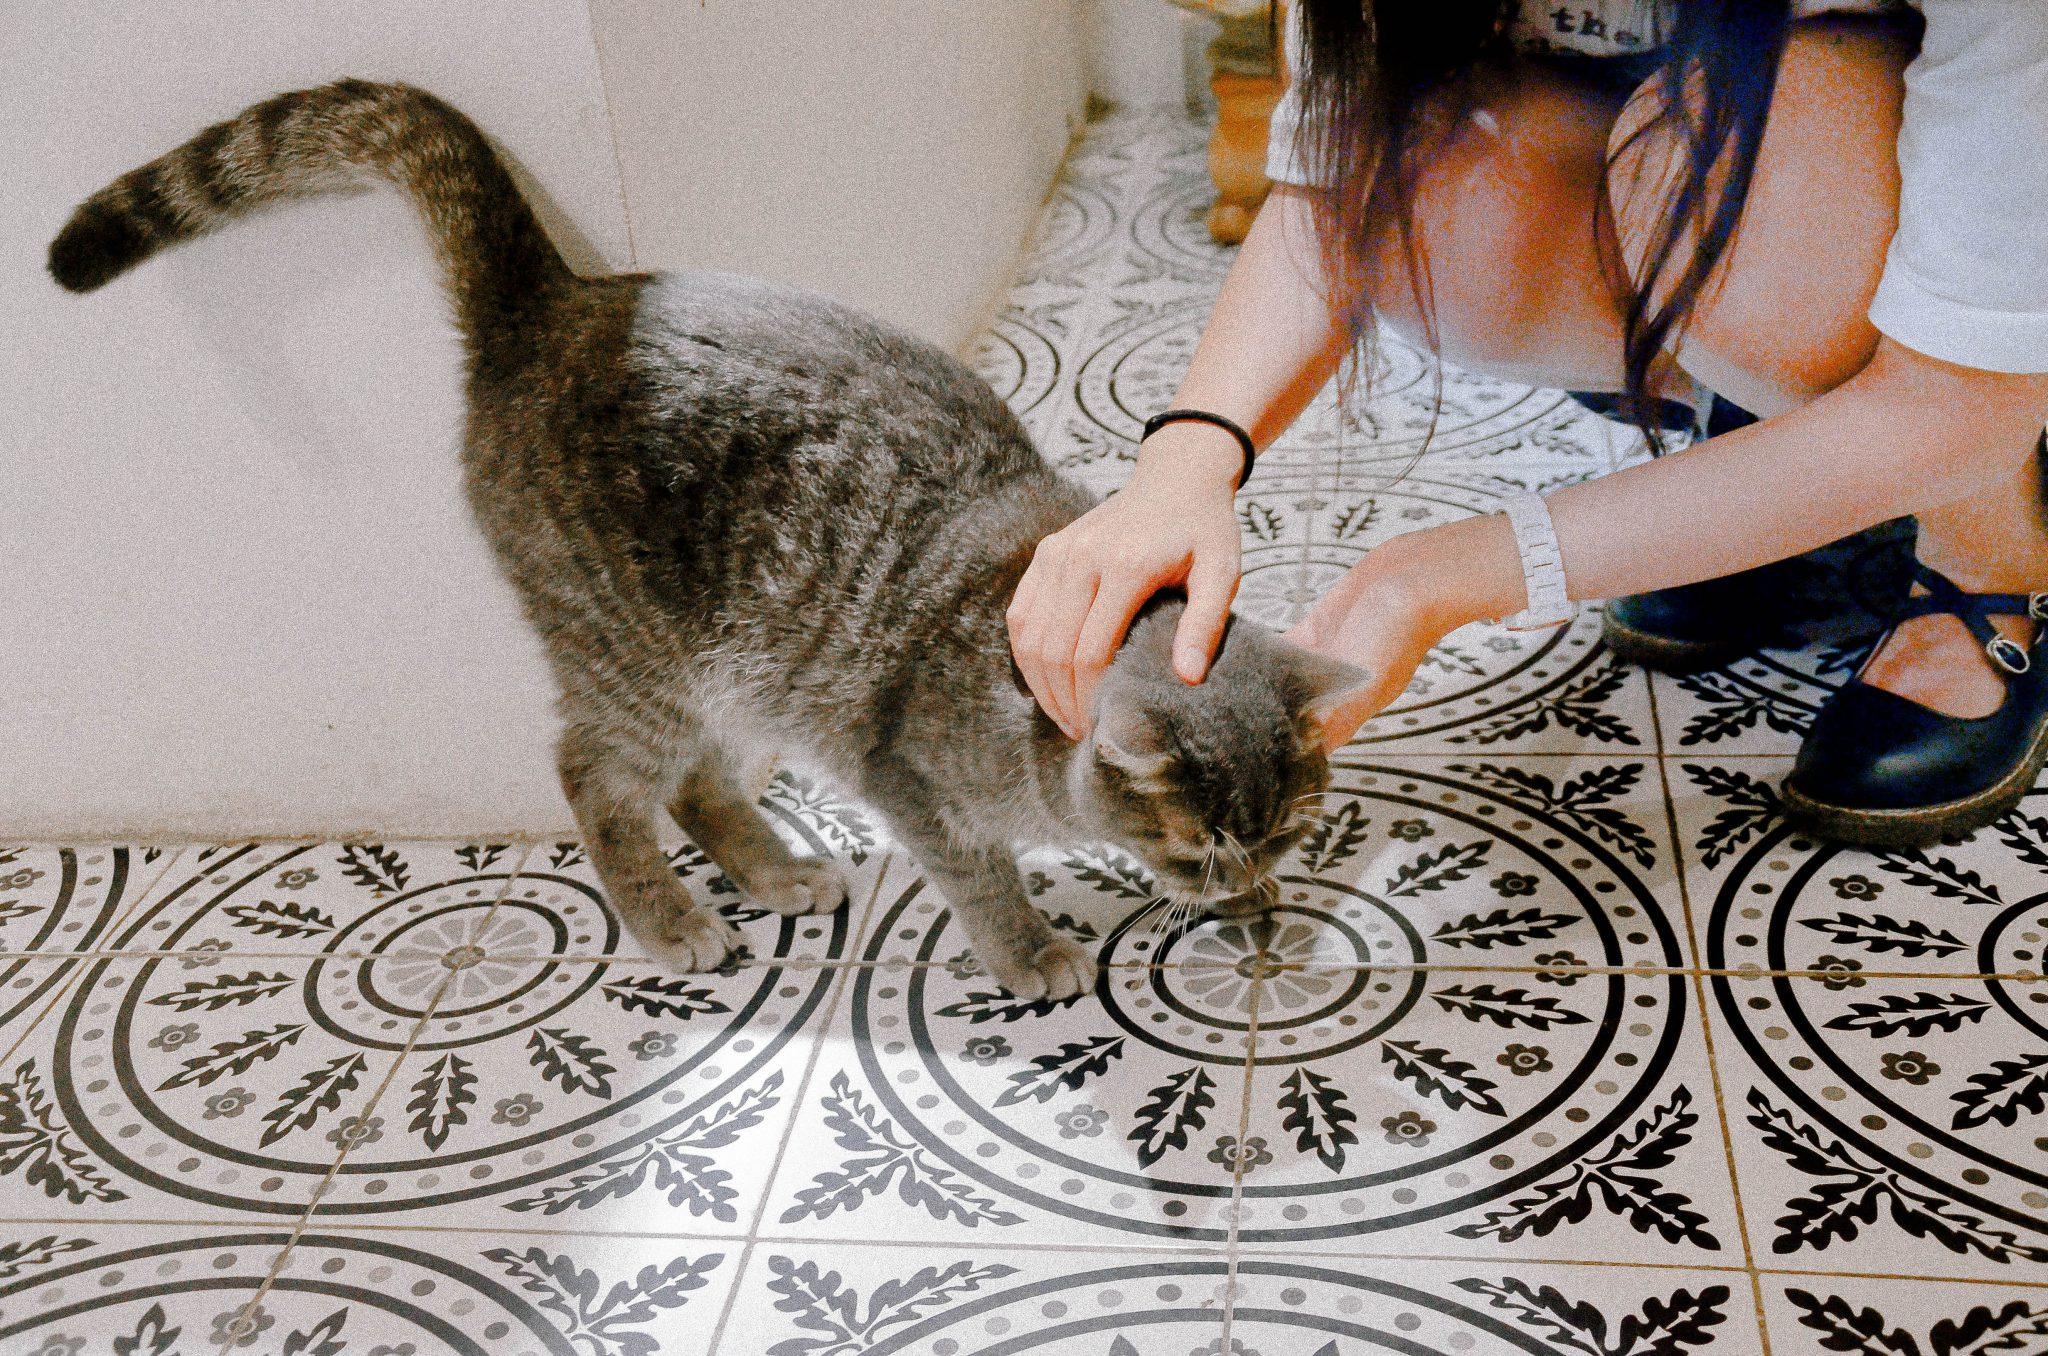 마중 나오는 고양이